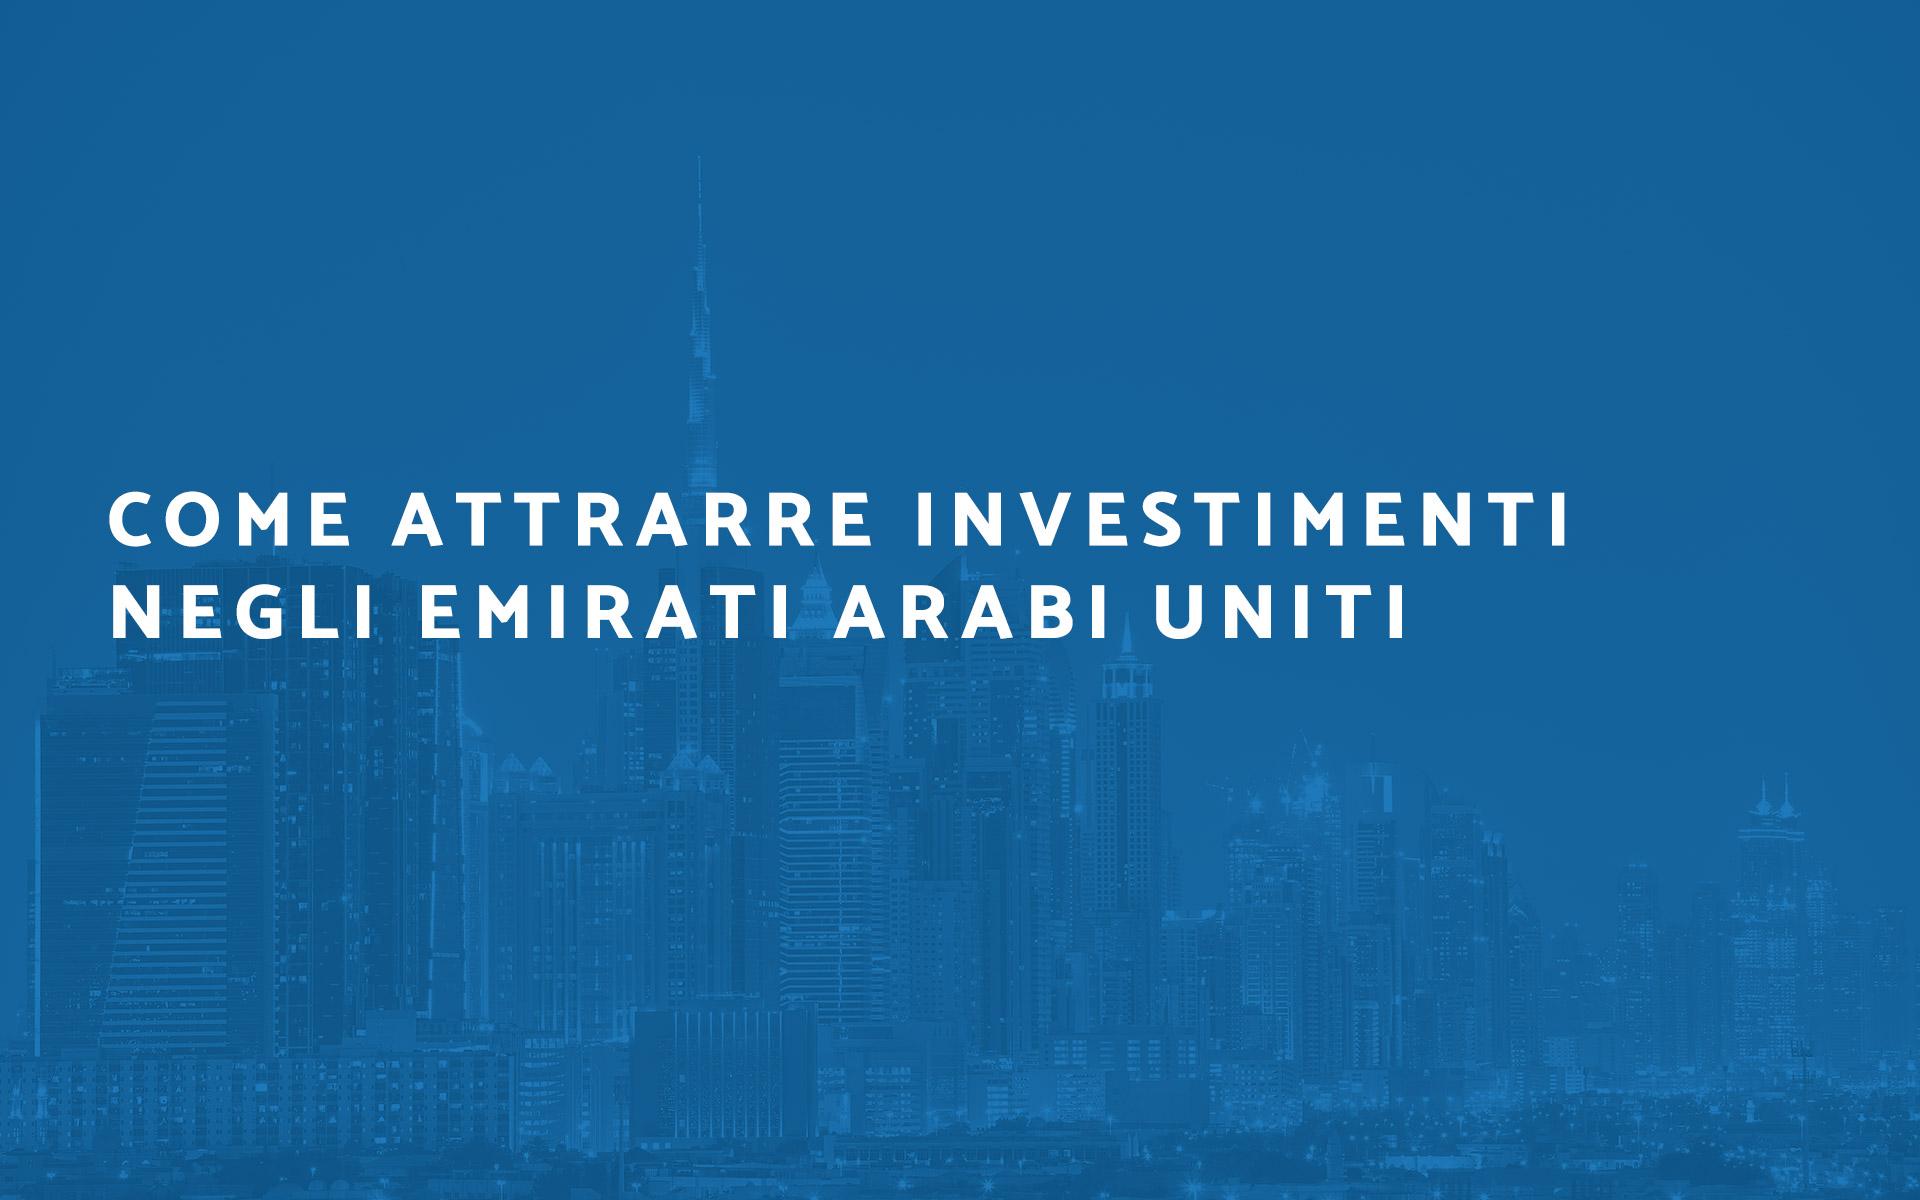 Come attrarre investimenti Emirati Arabi Uniti